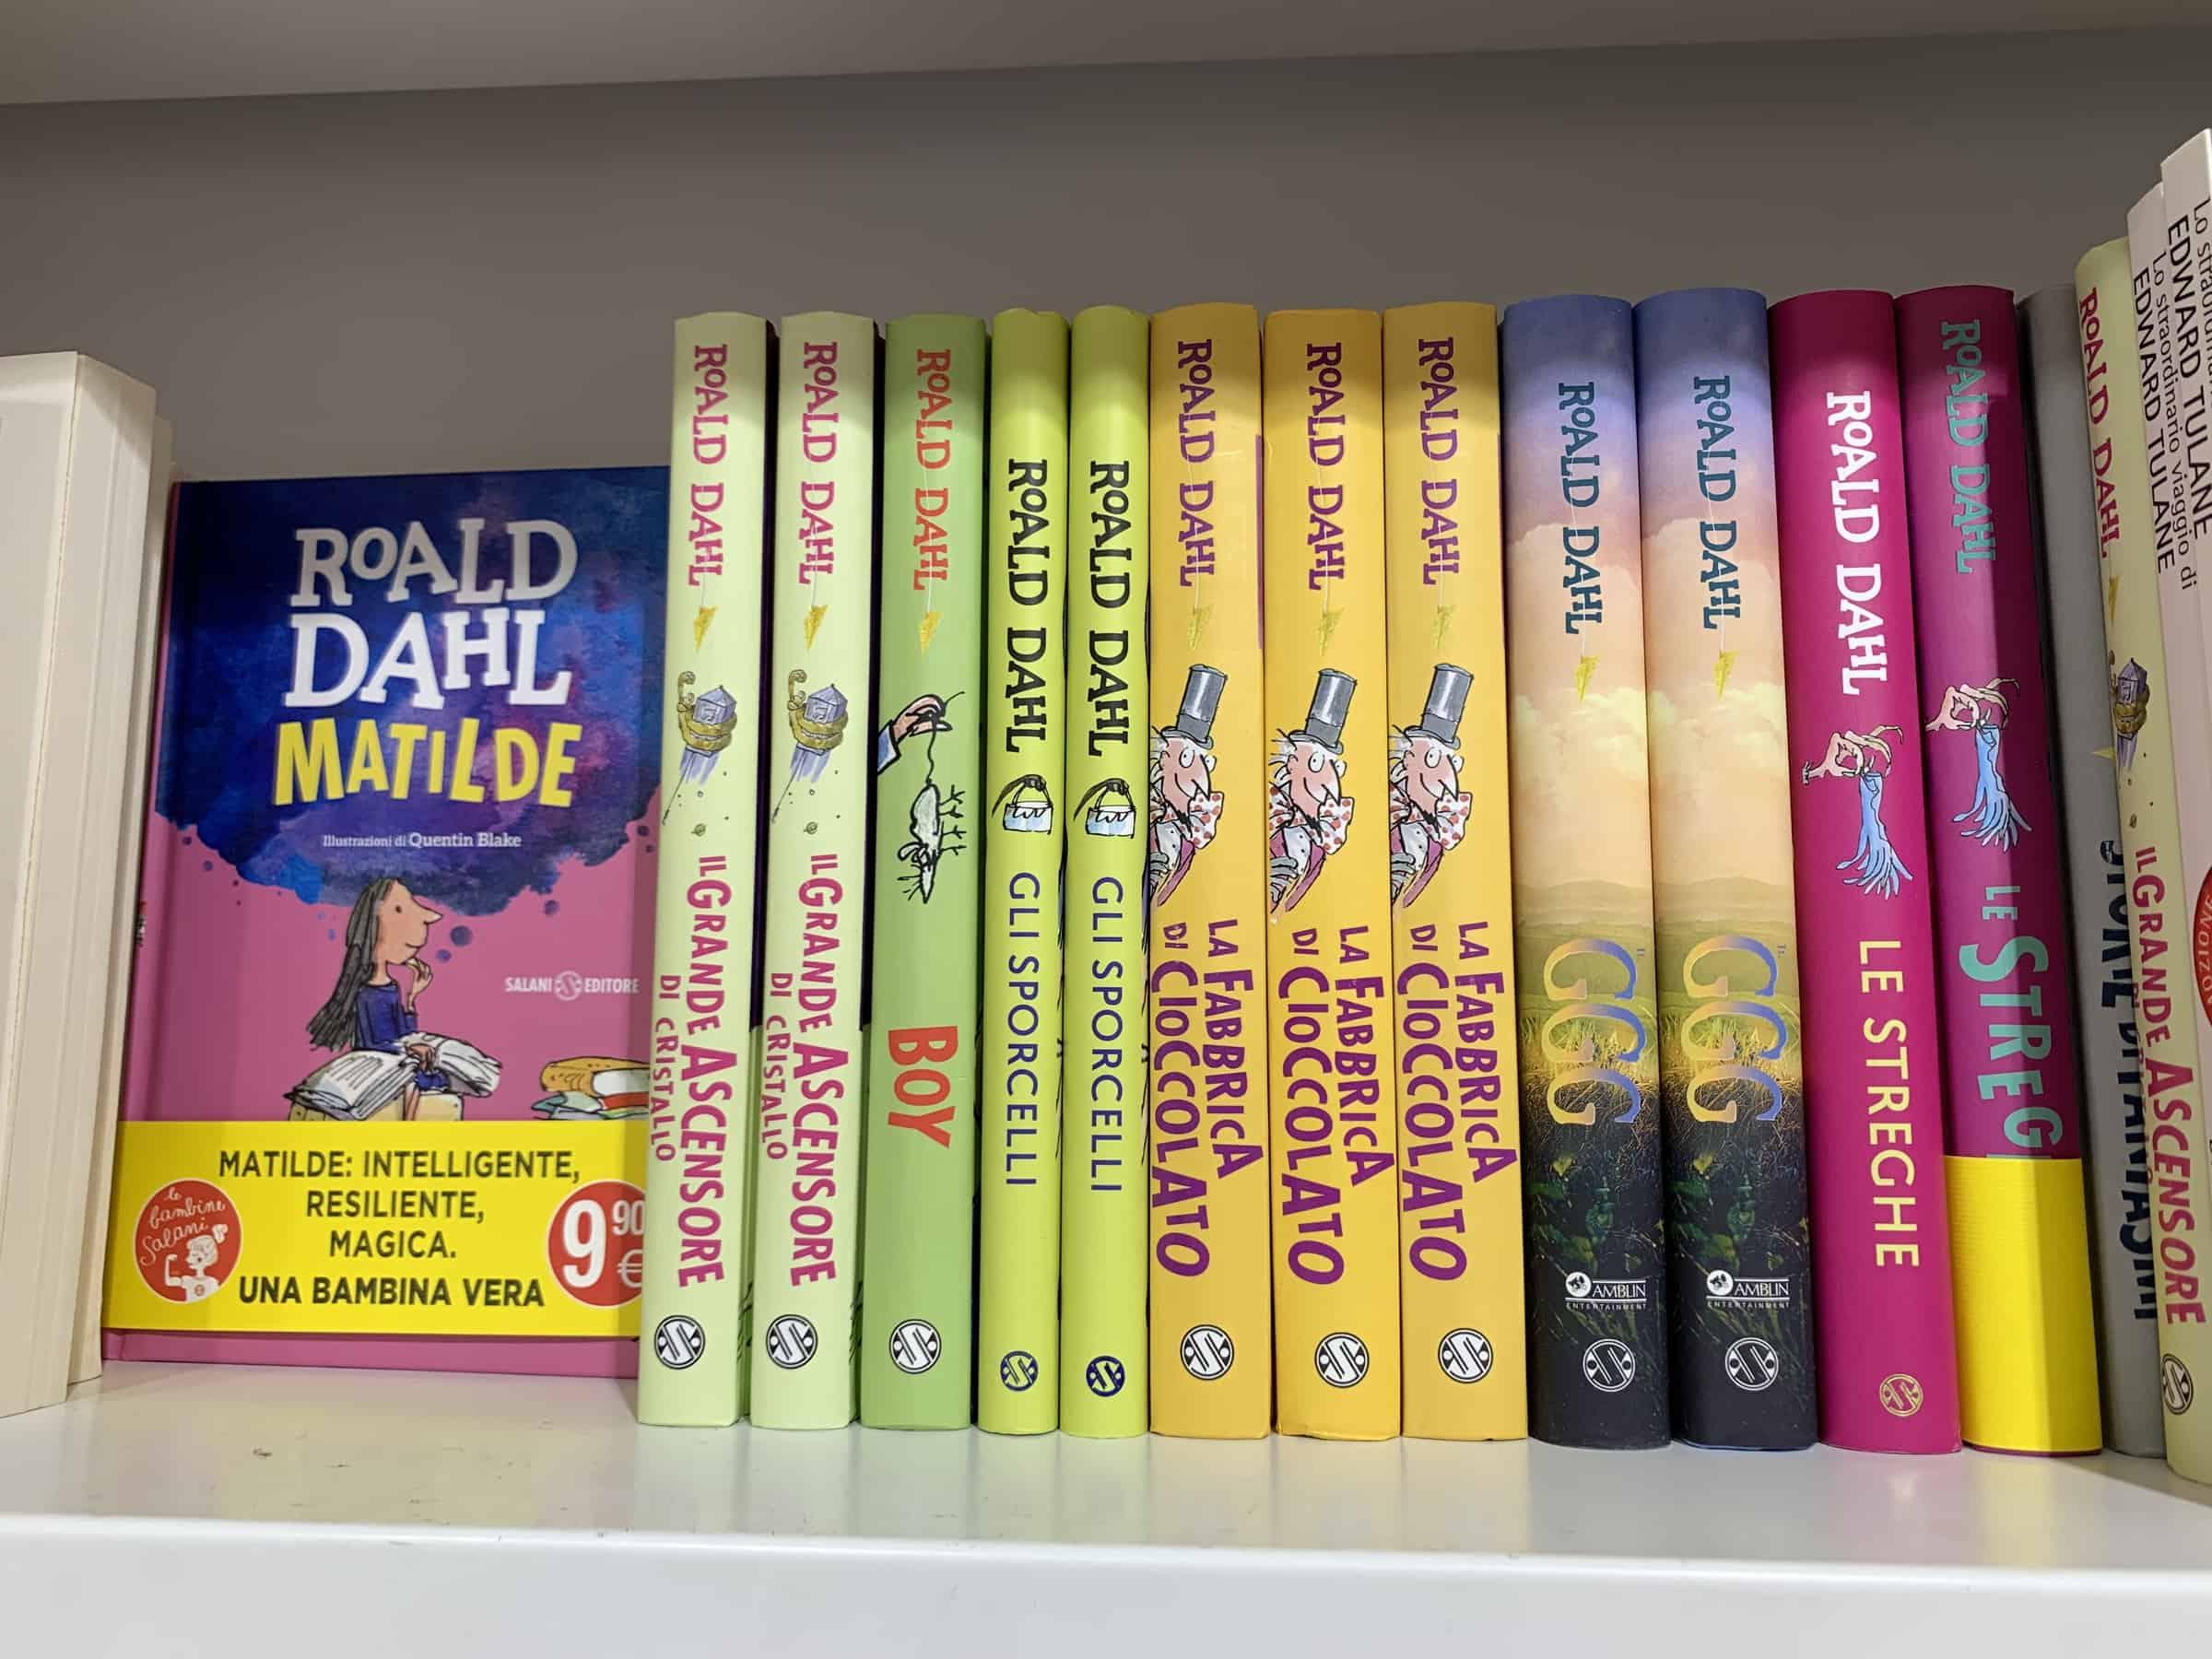 Celebriamo oggi il famoso scrittore Roald Dahl